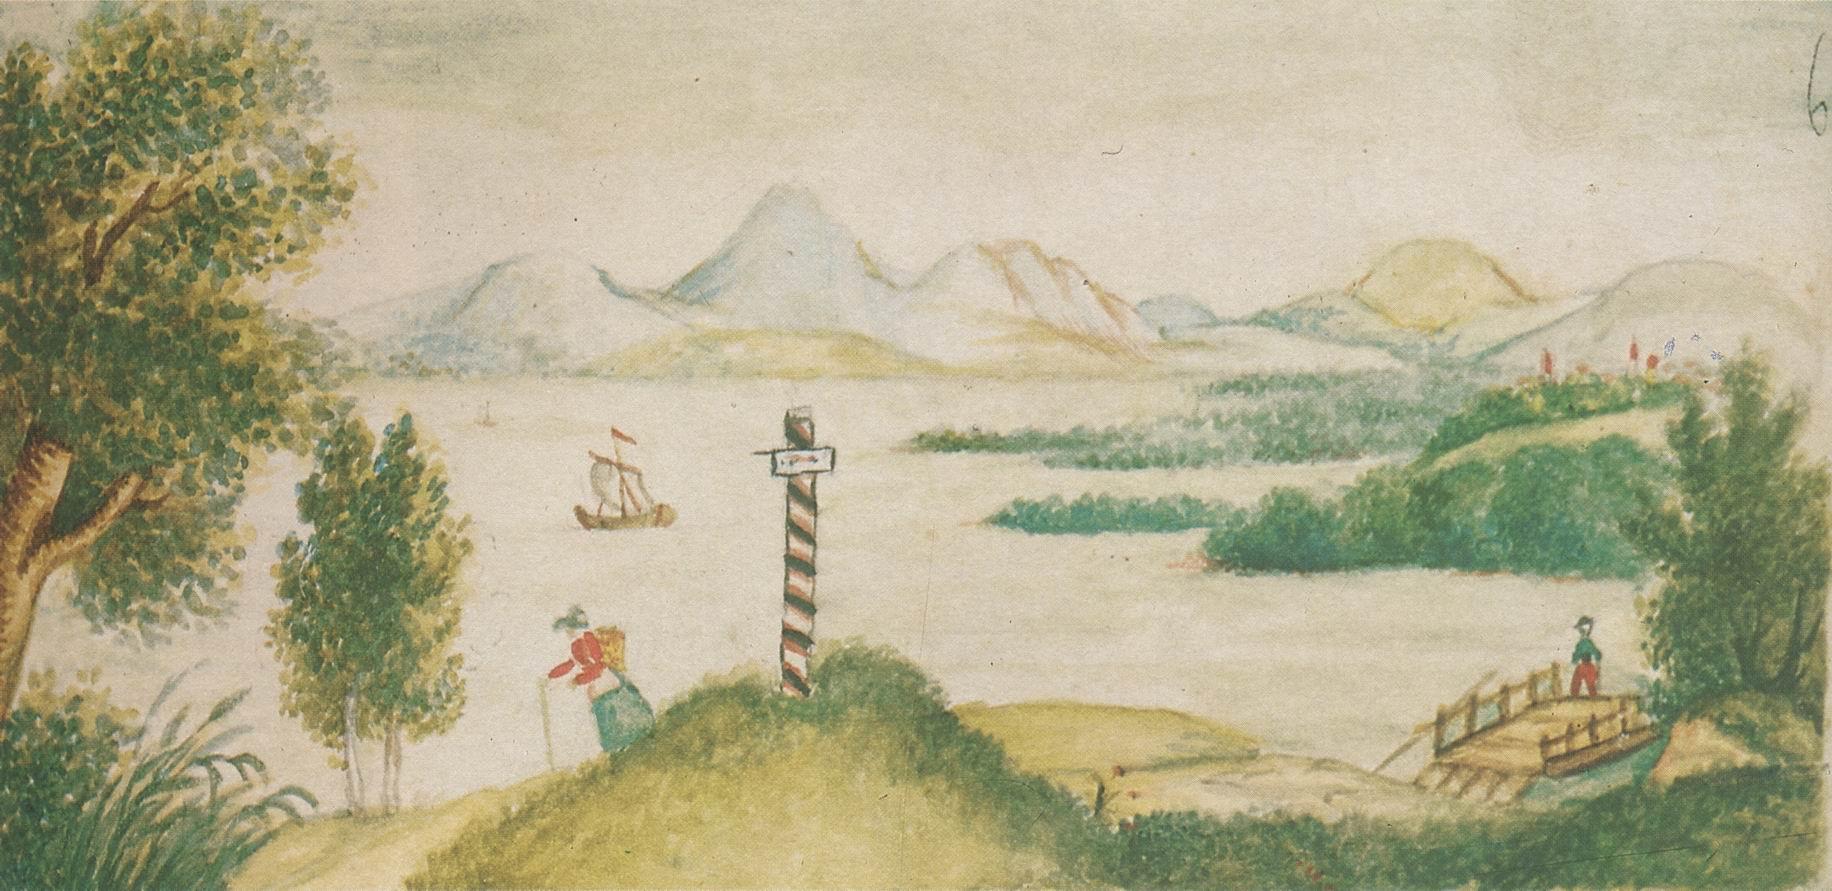 Kavkazskiy-peyzazh-s-ozerom-detskiy-risunok-Lermontova-iz-alboma-akvarel-Risunki-Lermontova